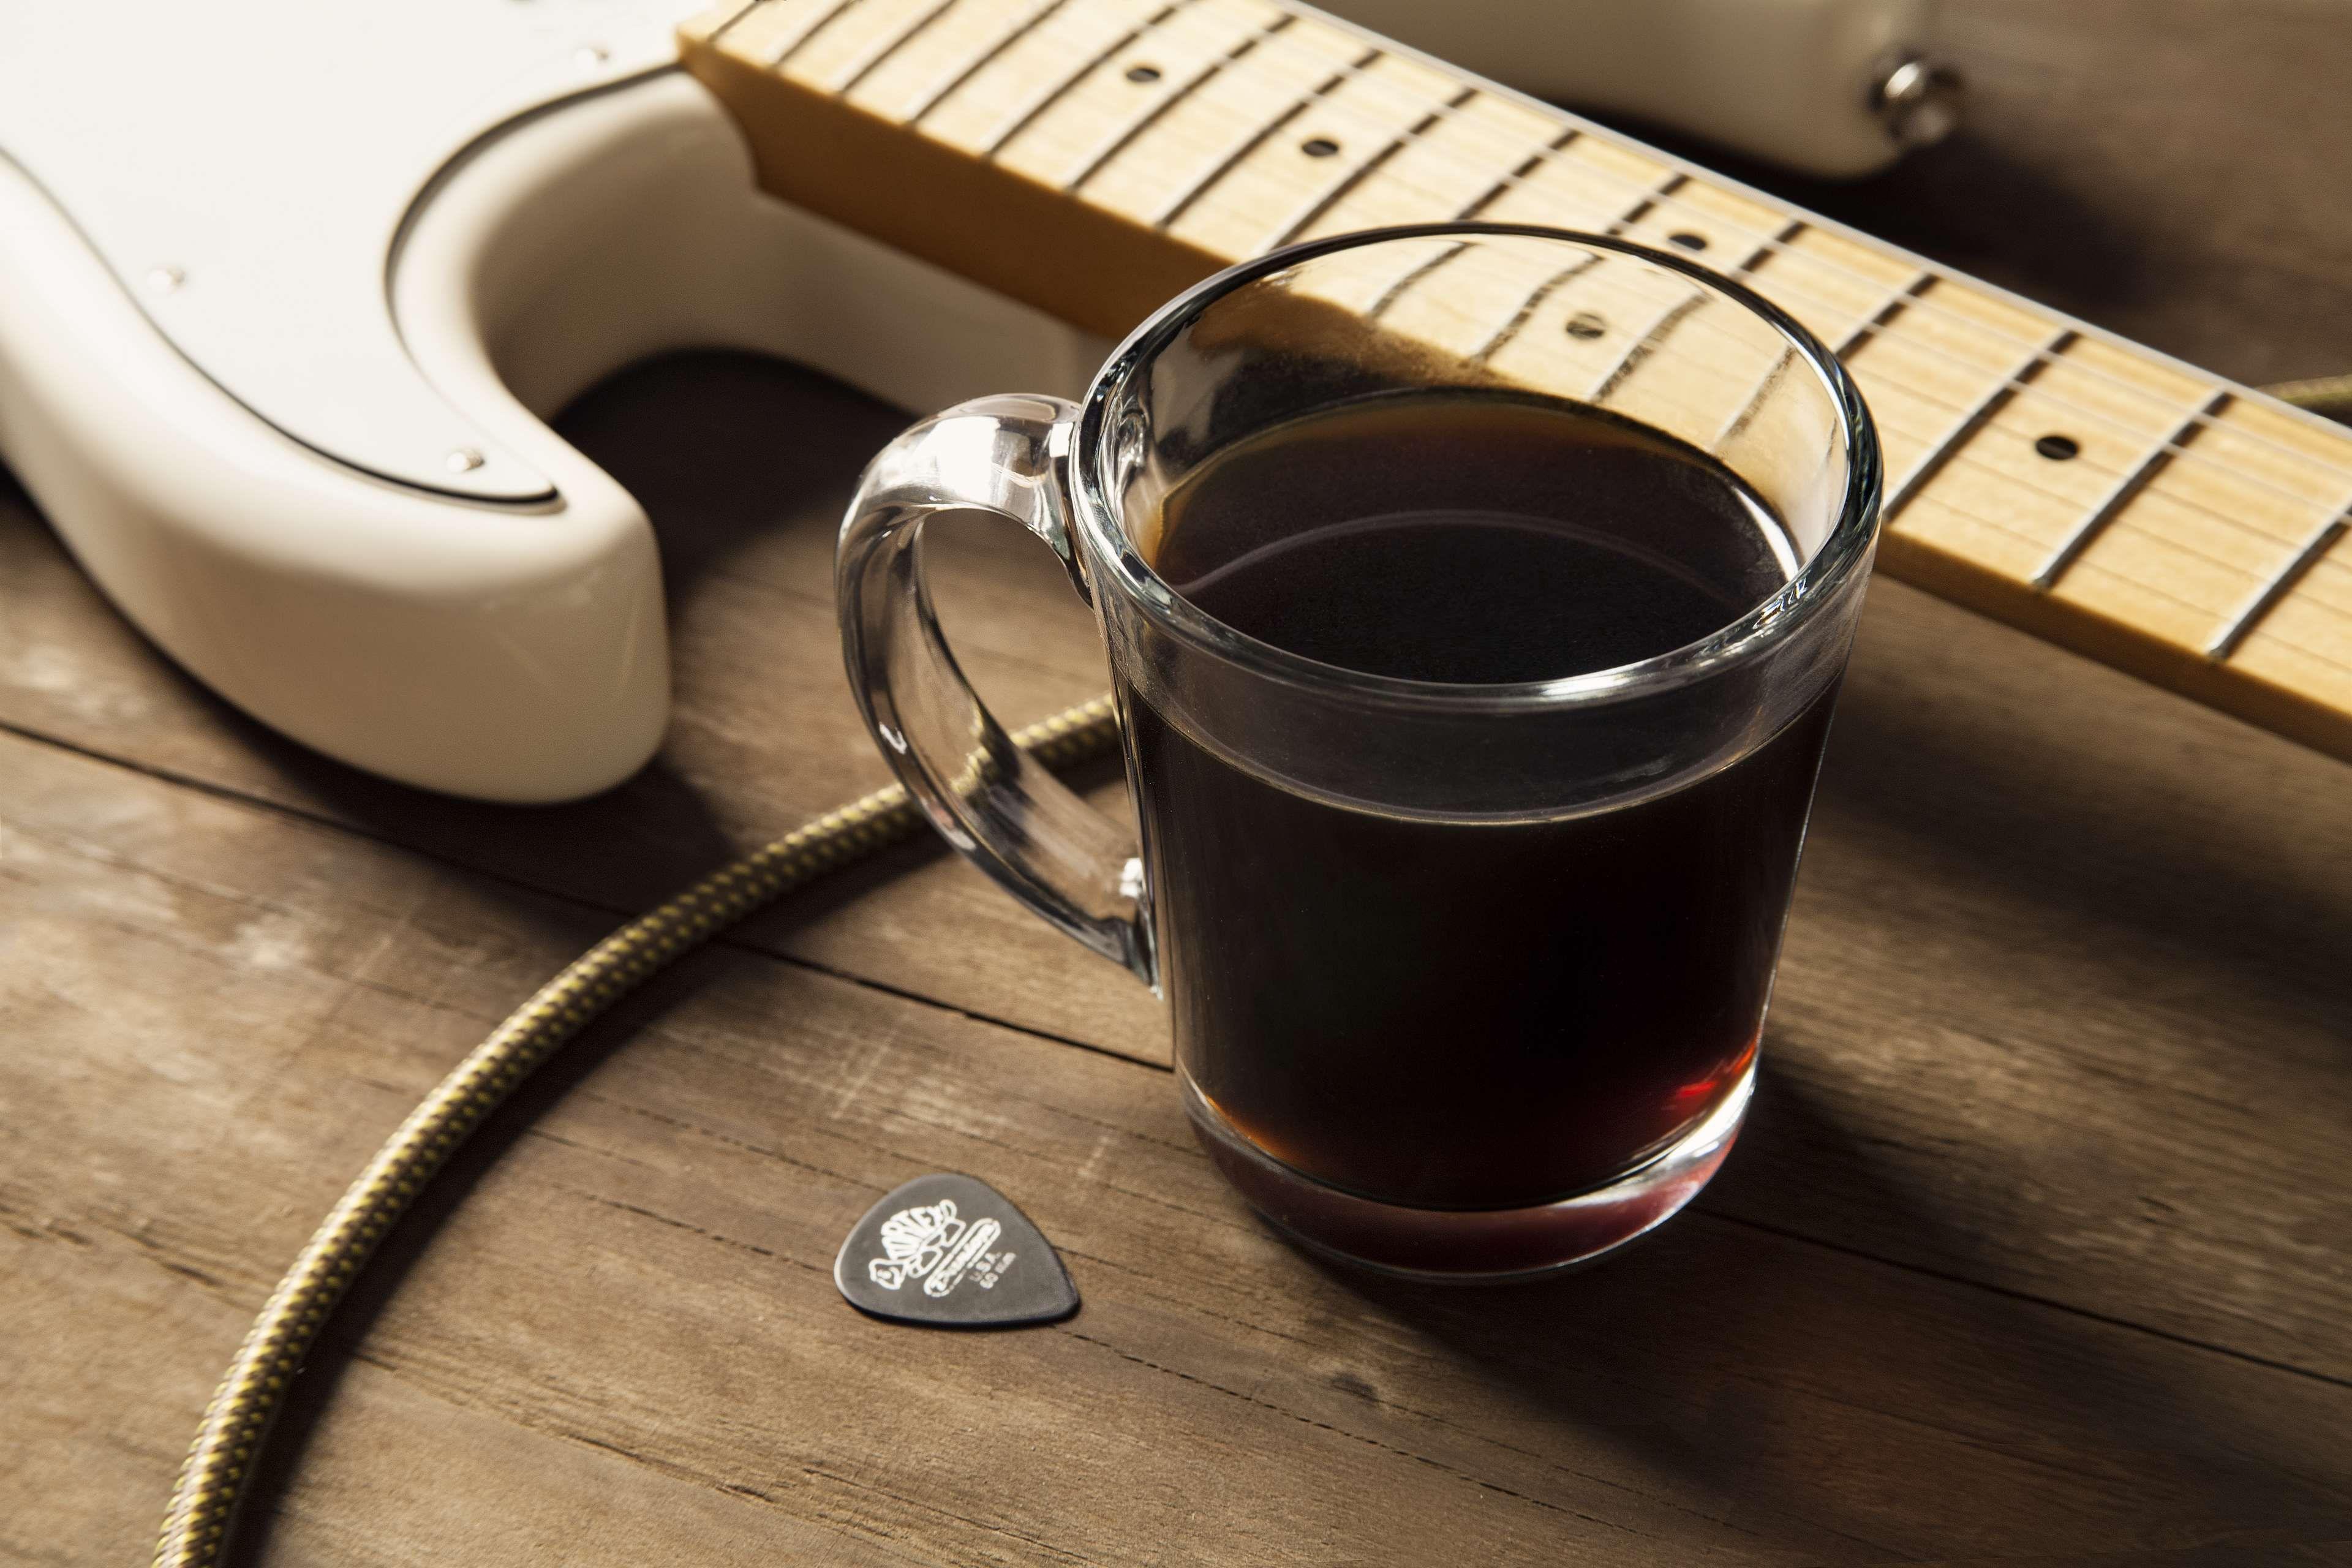 равномерно кофе с музыкой картинки очень красиво